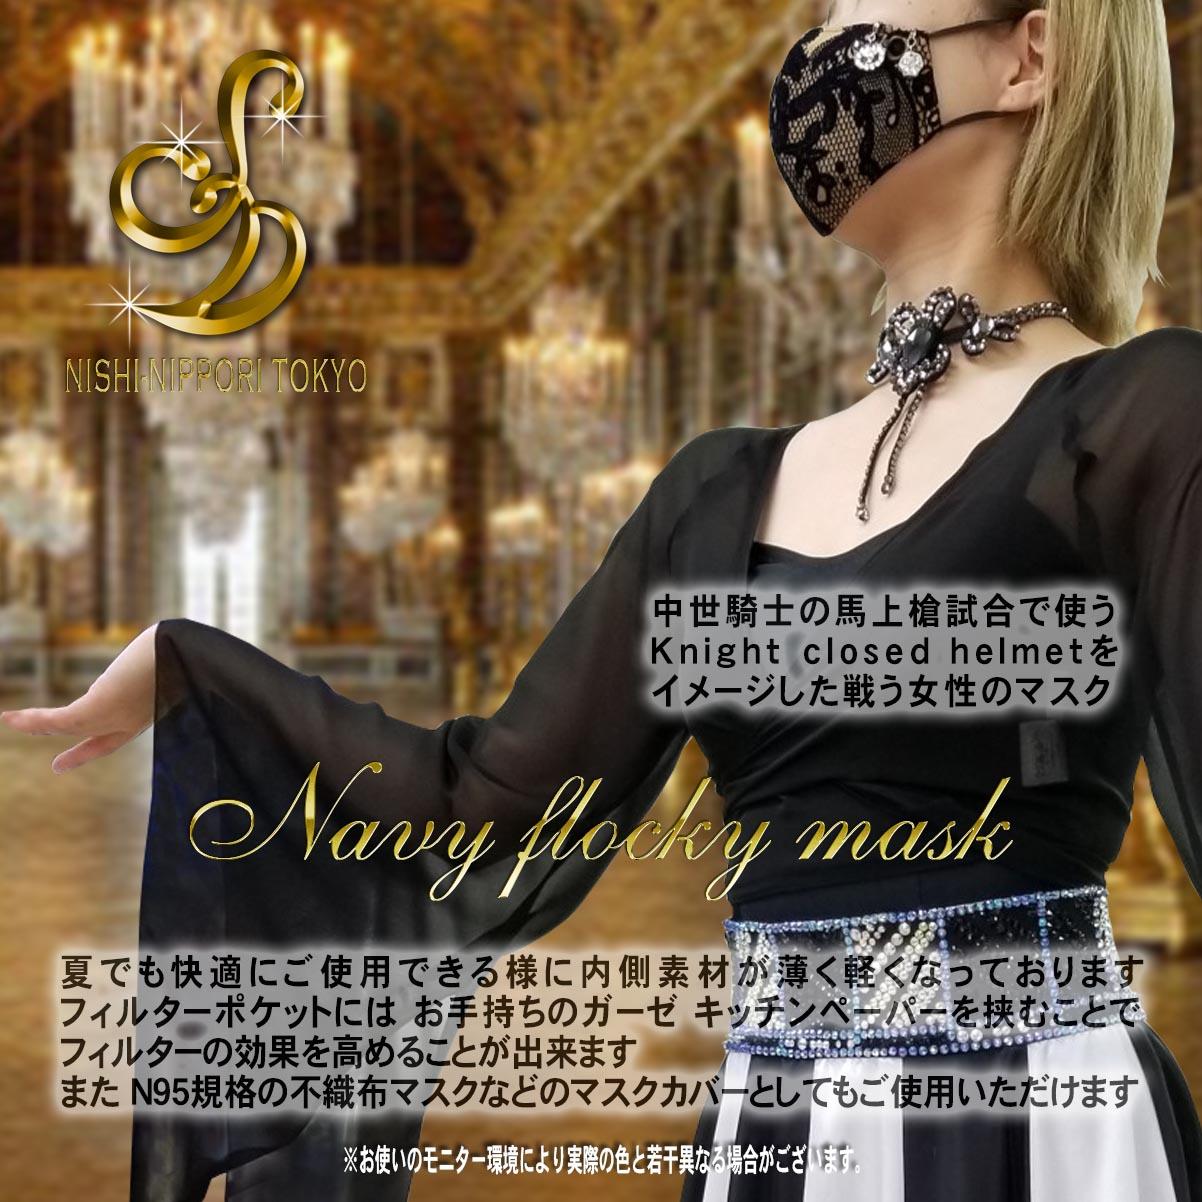 ネイビーフロッキーマスク(キラキラチャーム付高級おしゃれマスク)003